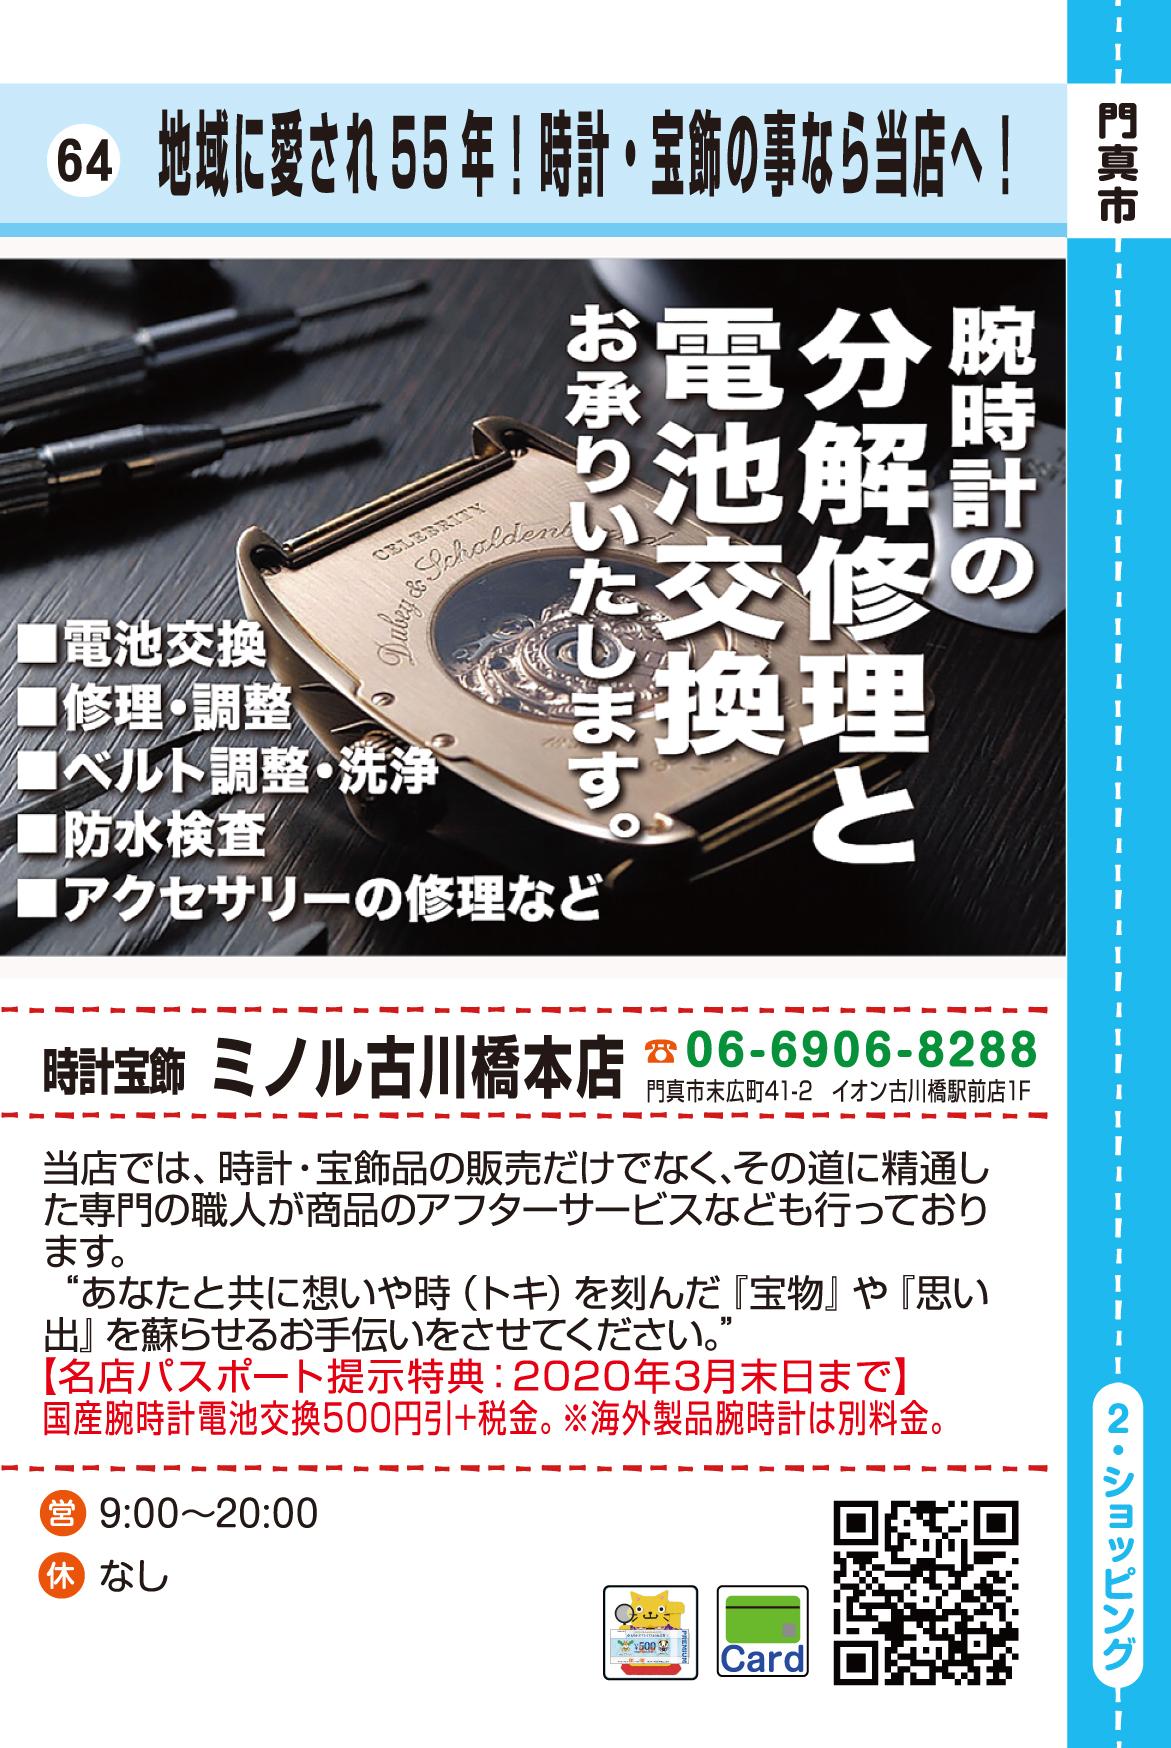 時計宝飾 ミノル古川橋本店